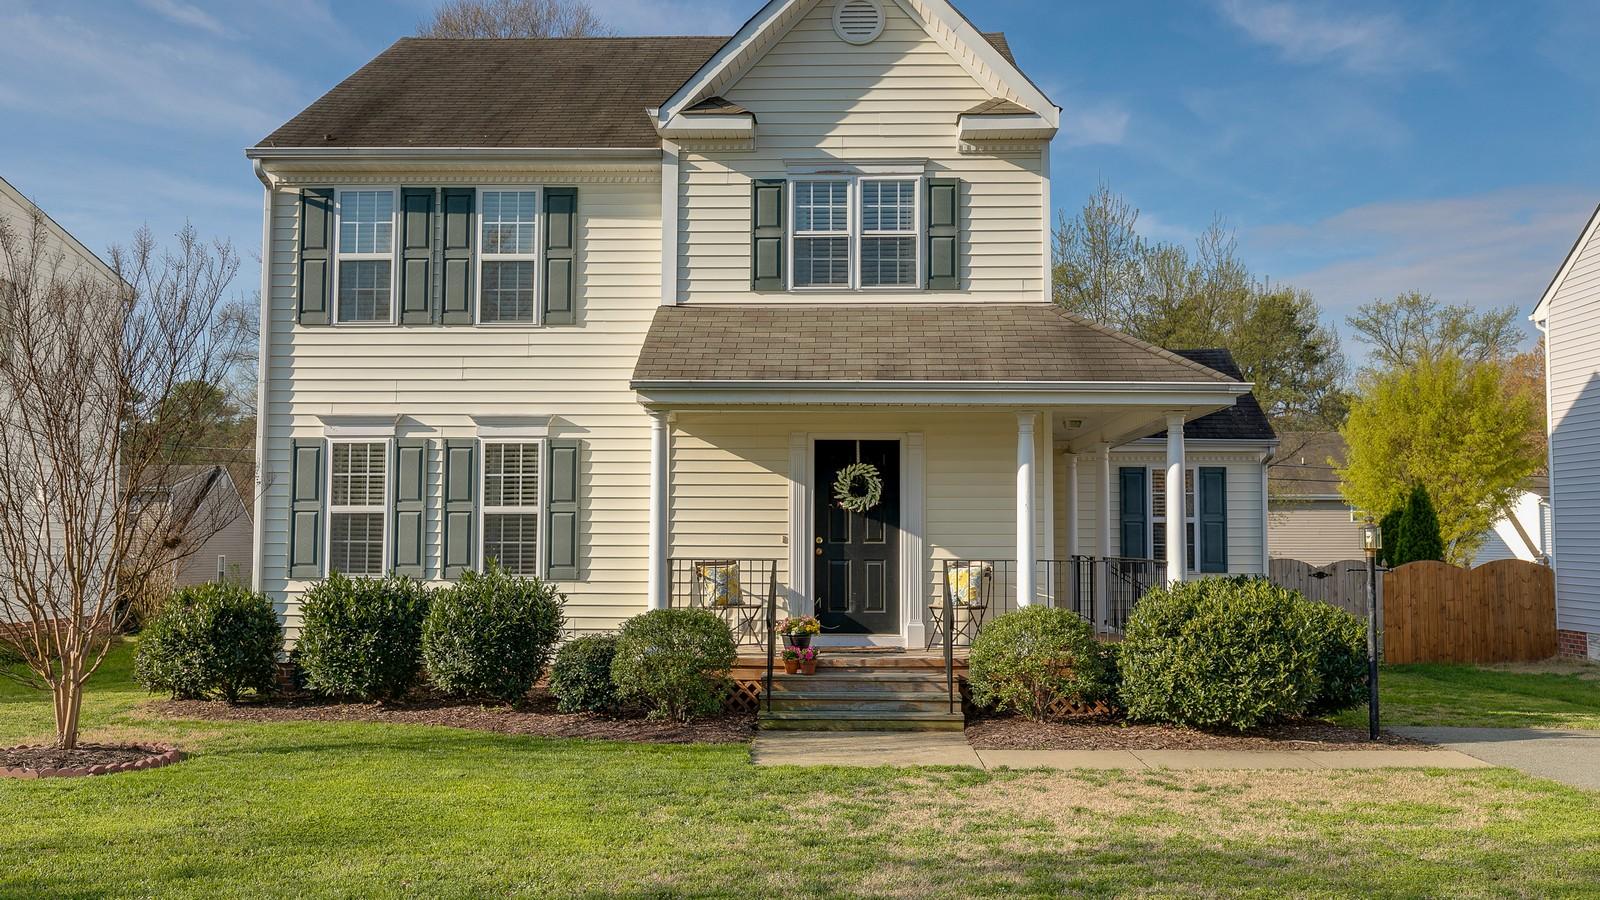 独户住宅 为 销售 在 6907 Tulane Avenue, Richmond 里士满, 弗吉尼亚州, 23226 美国